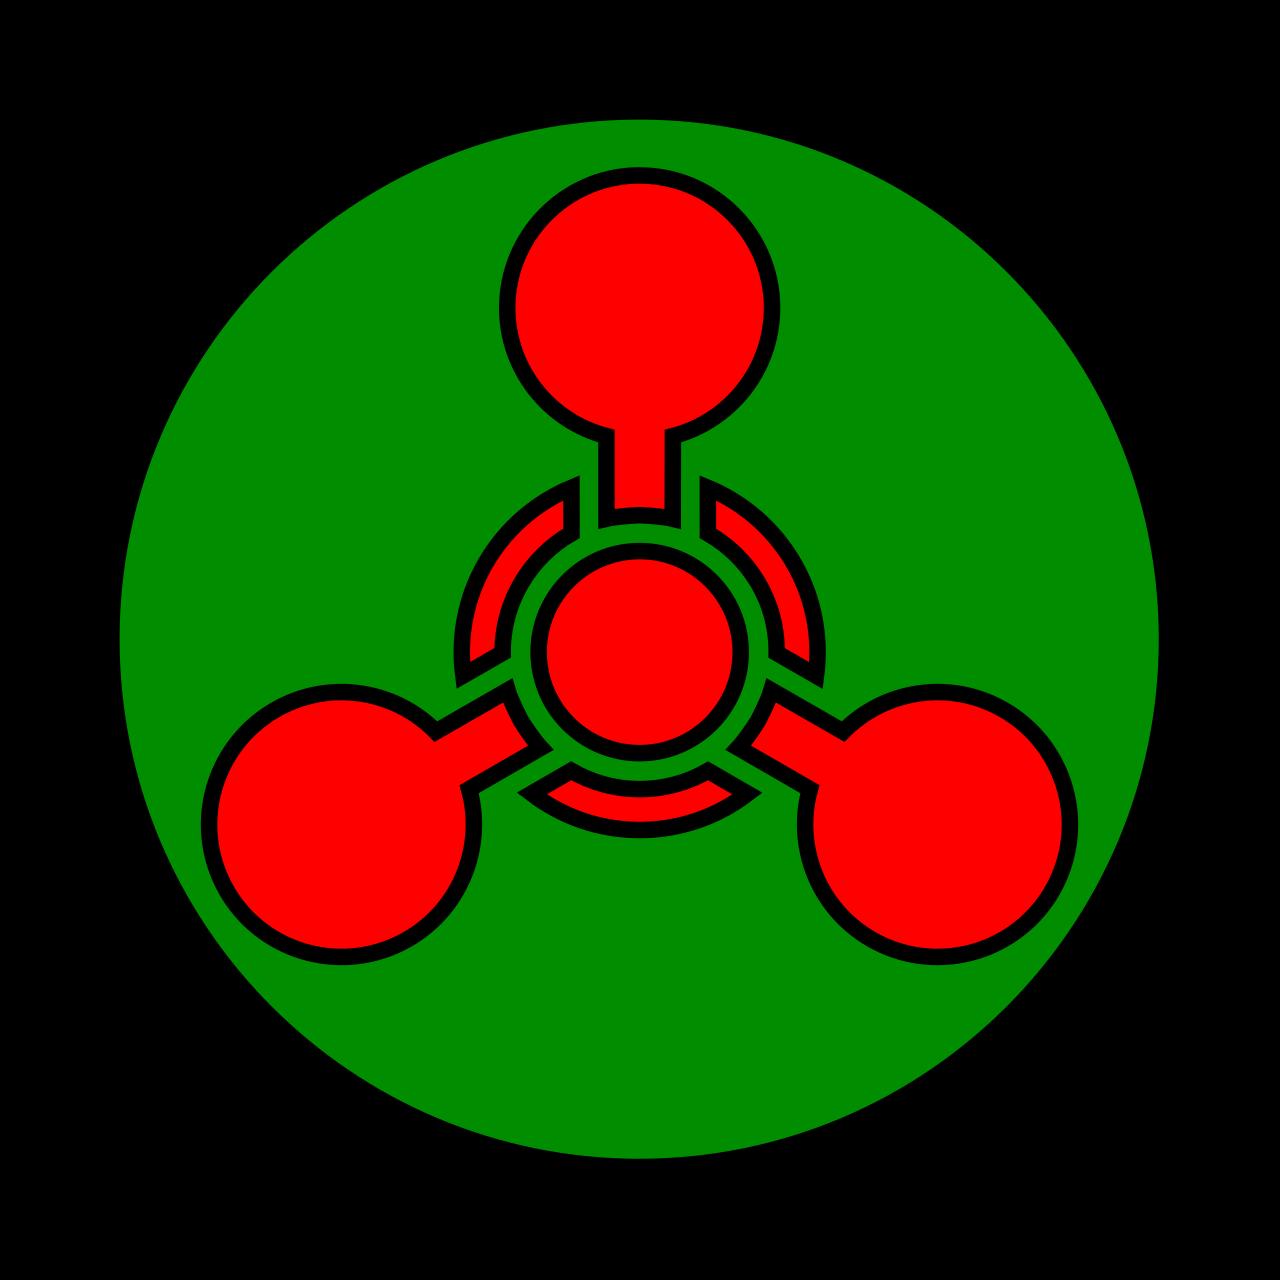 Warnzeichen der US-amerikanischen Streitkräfte für chemische WaffenPublic domain